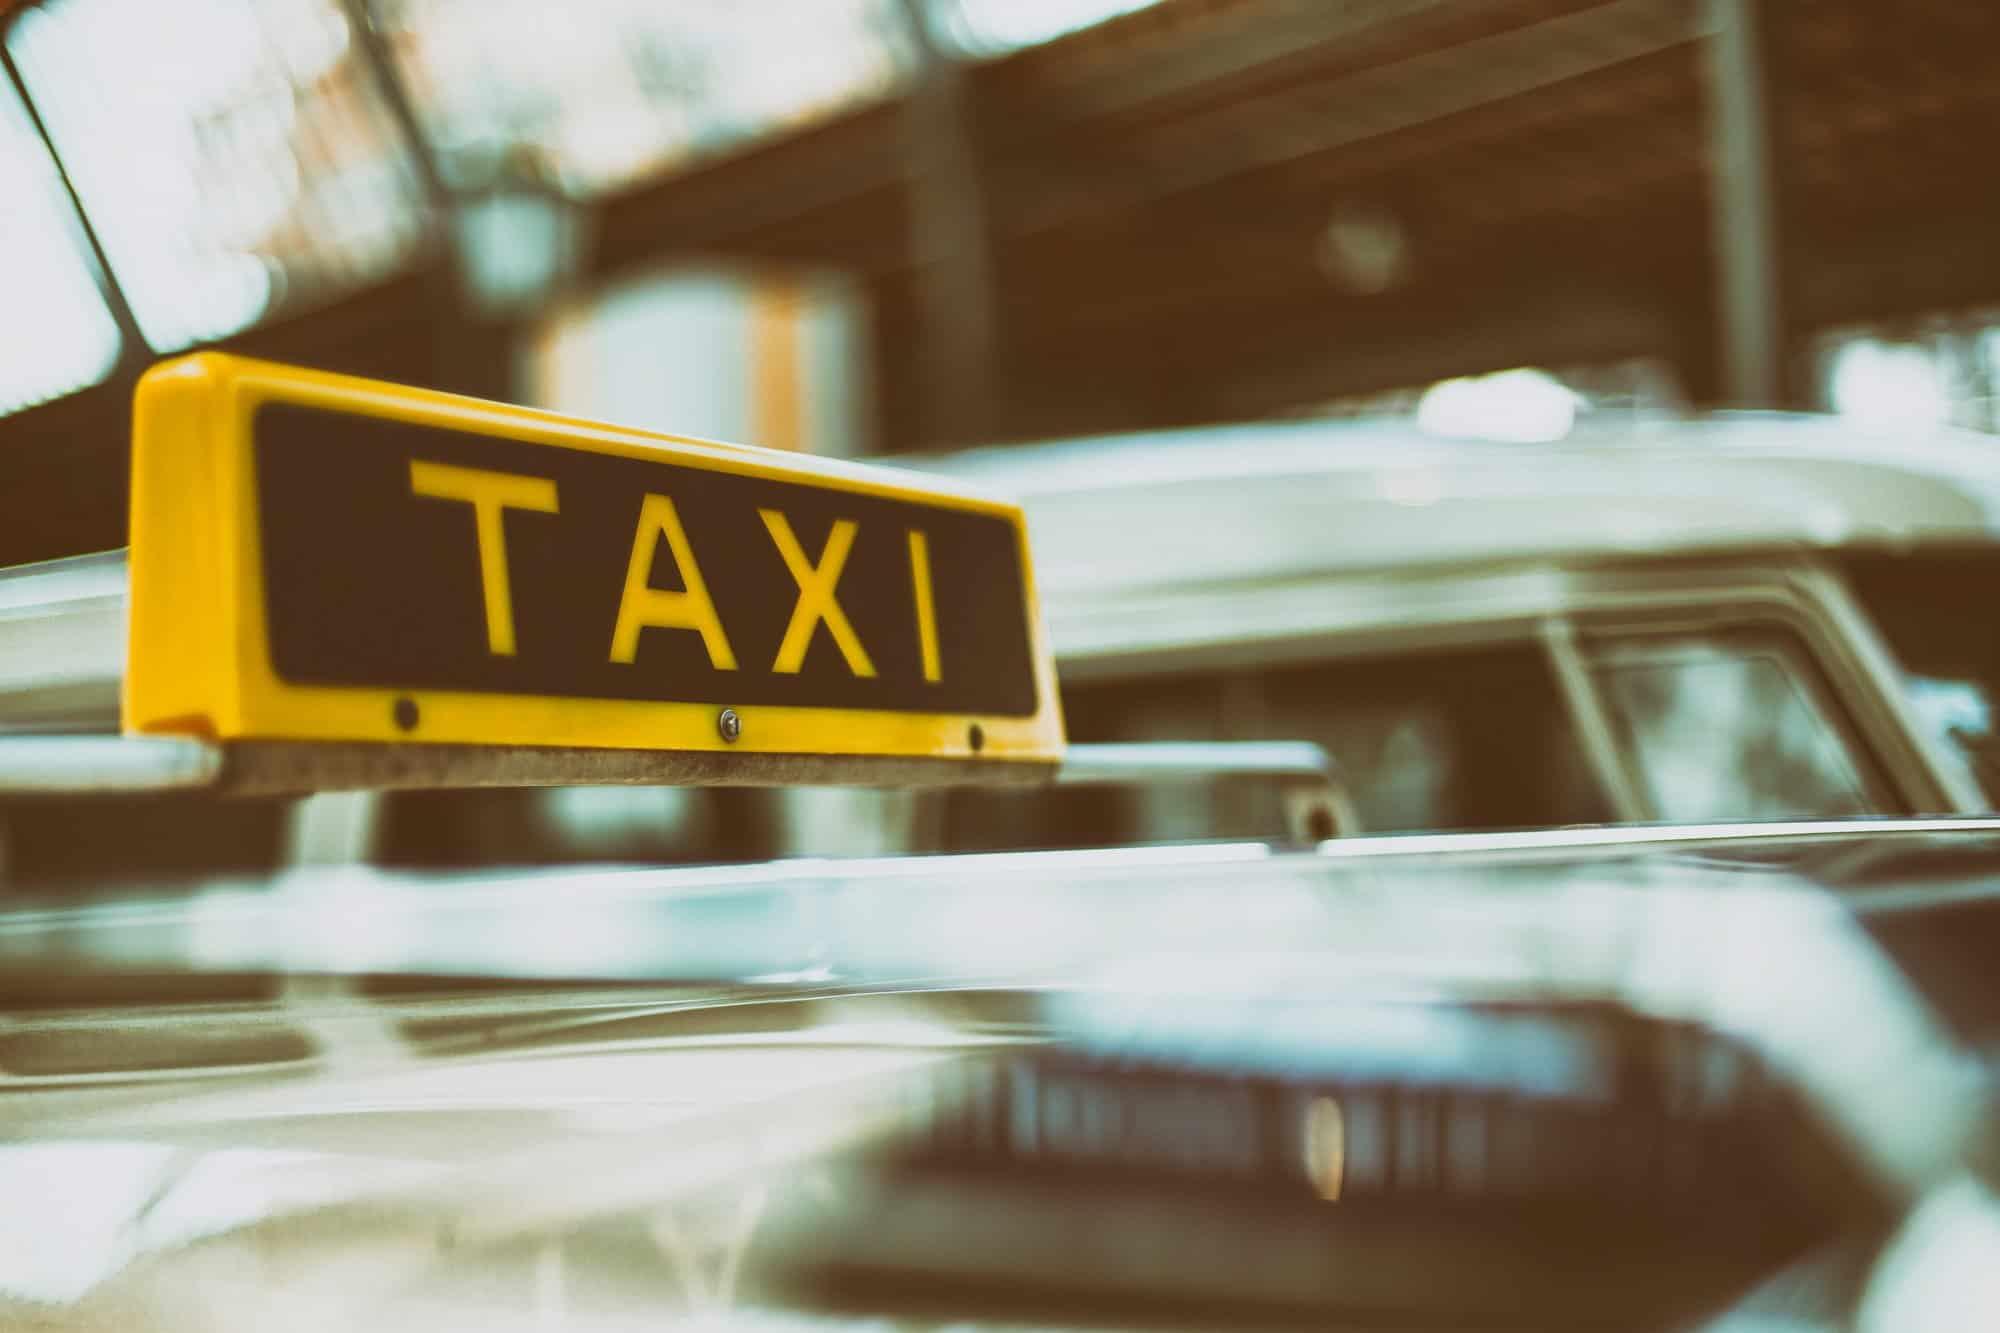 Kfz Flottenversicherung für Taxen